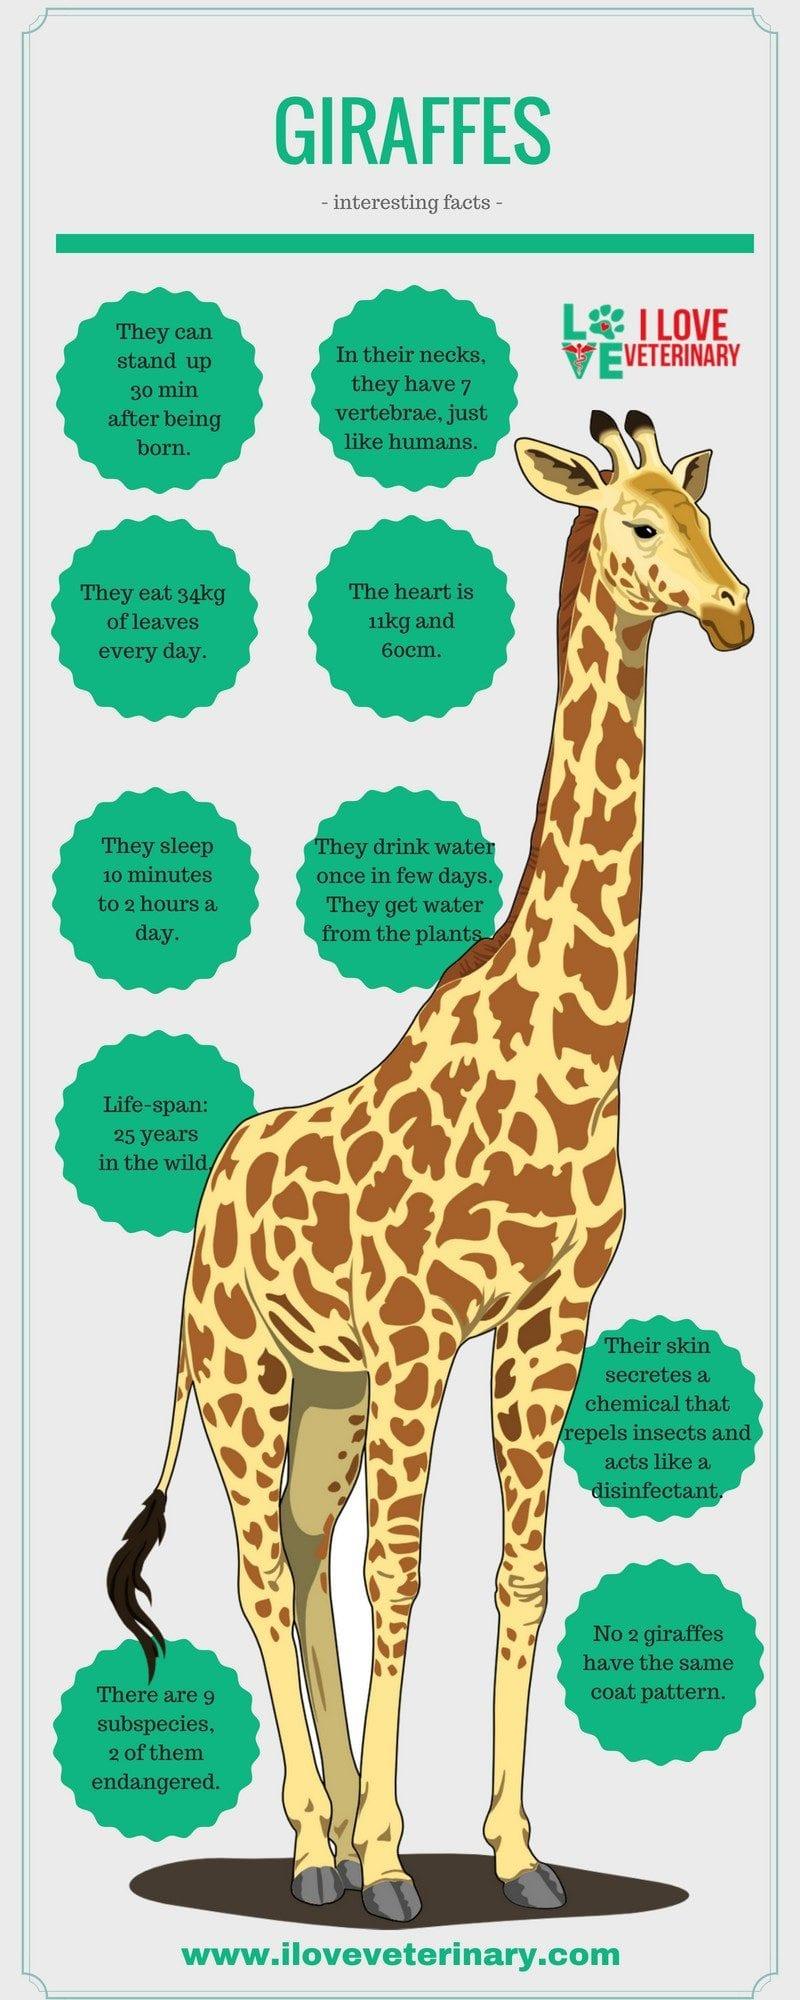 giraffes2 1 I Love Veterinary - Blog for Veterinarians, Vet Techs, Students